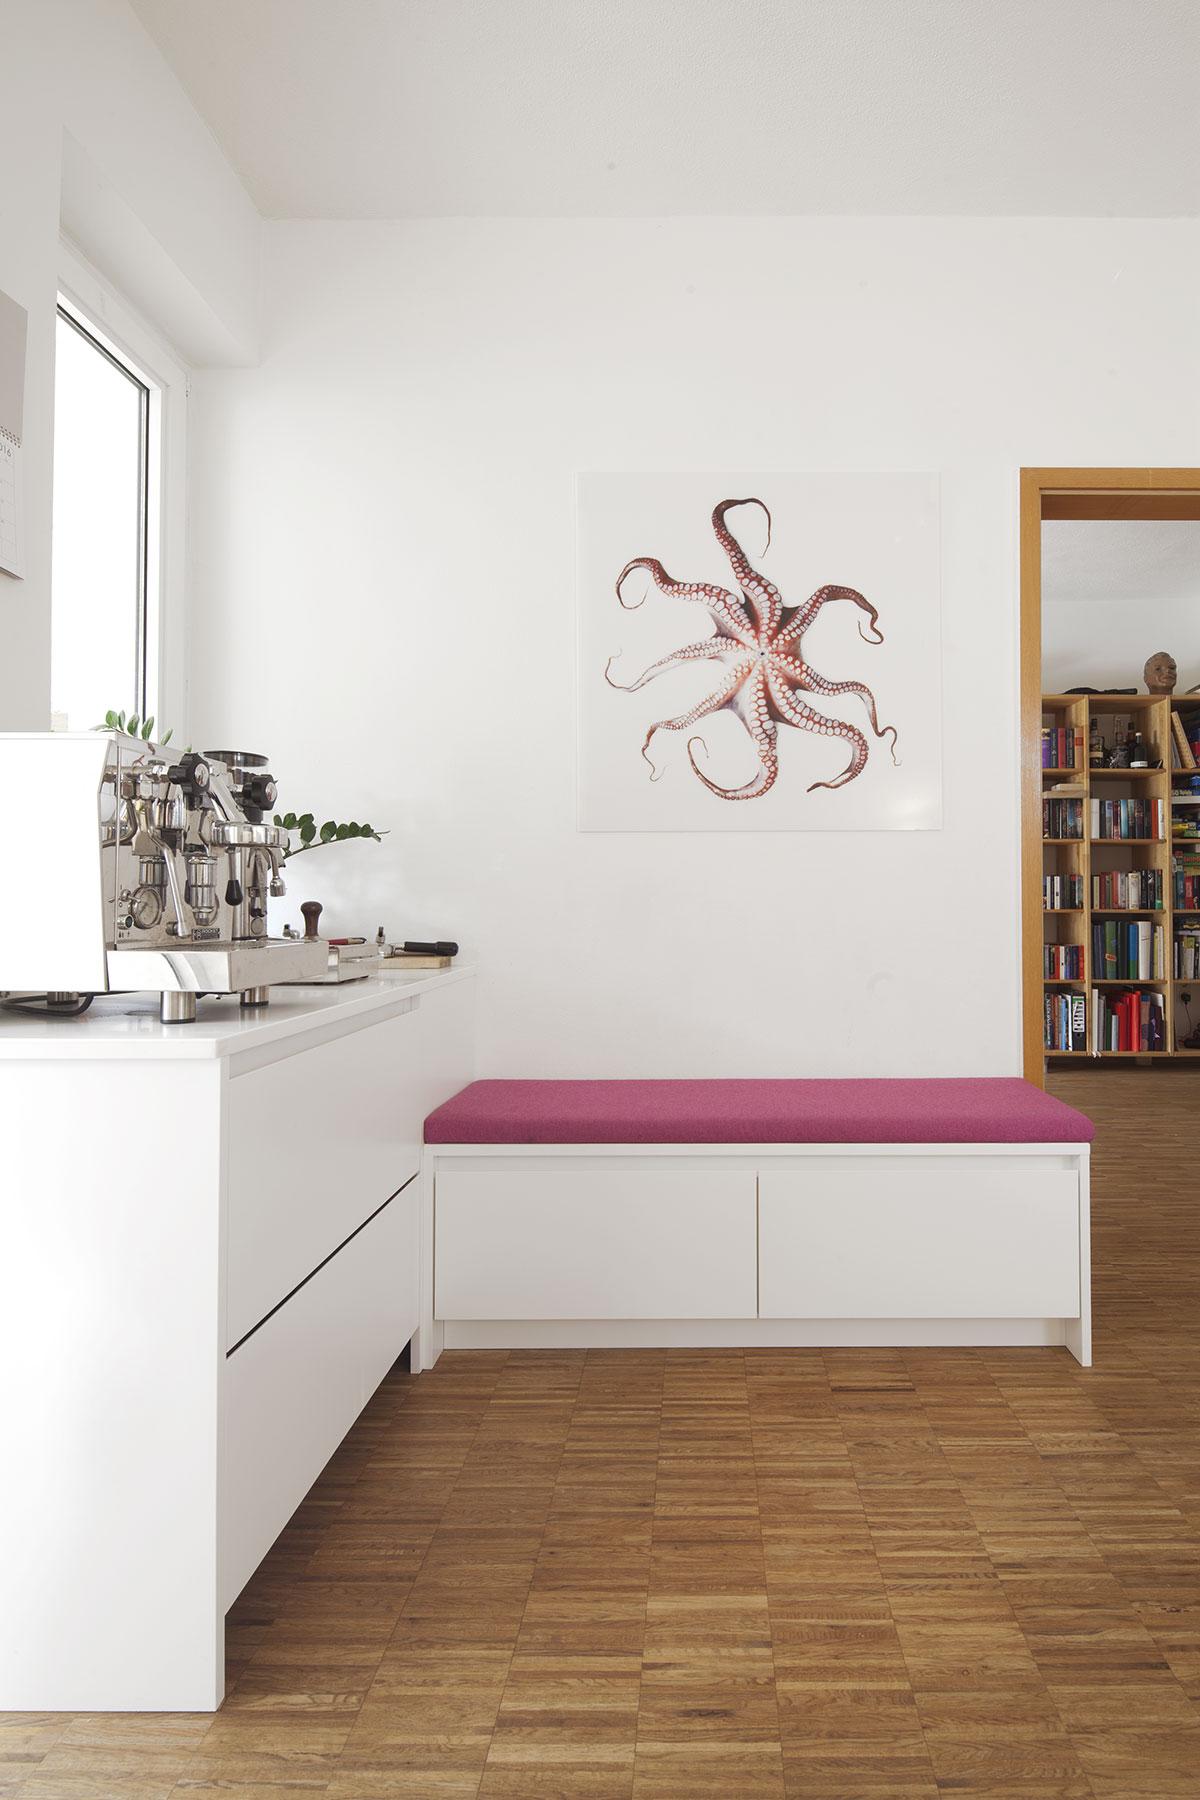 sitzbank wei k che eigenbau outdoor k che myhammer ikea aufbauen grohe einhebelmischer. Black Bedroom Furniture Sets. Home Design Ideas